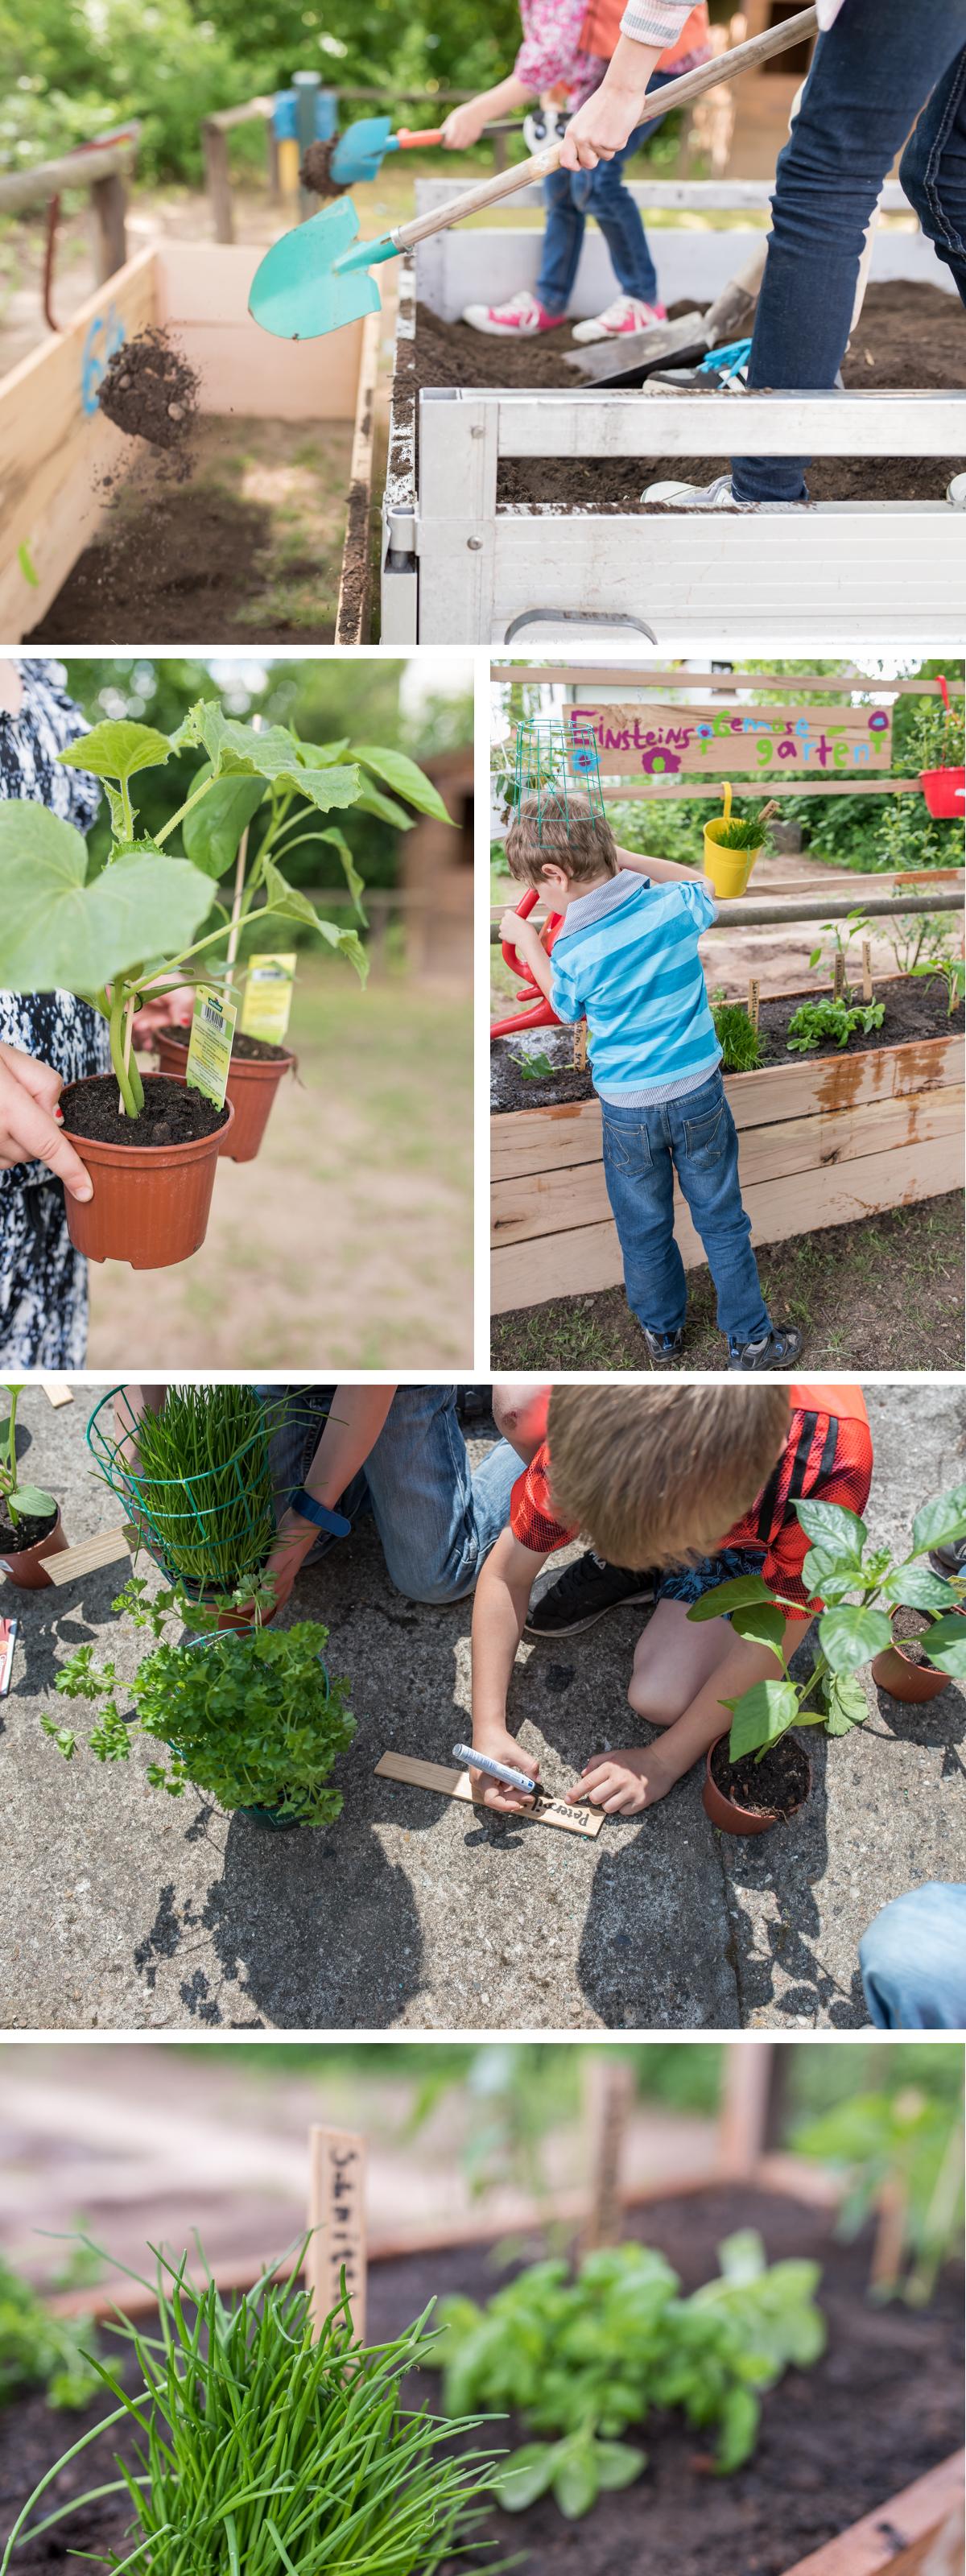 DIY Gemüse Hochbeet für die Grundschule im Rahmen der Aktion #DANKEsagtdanke